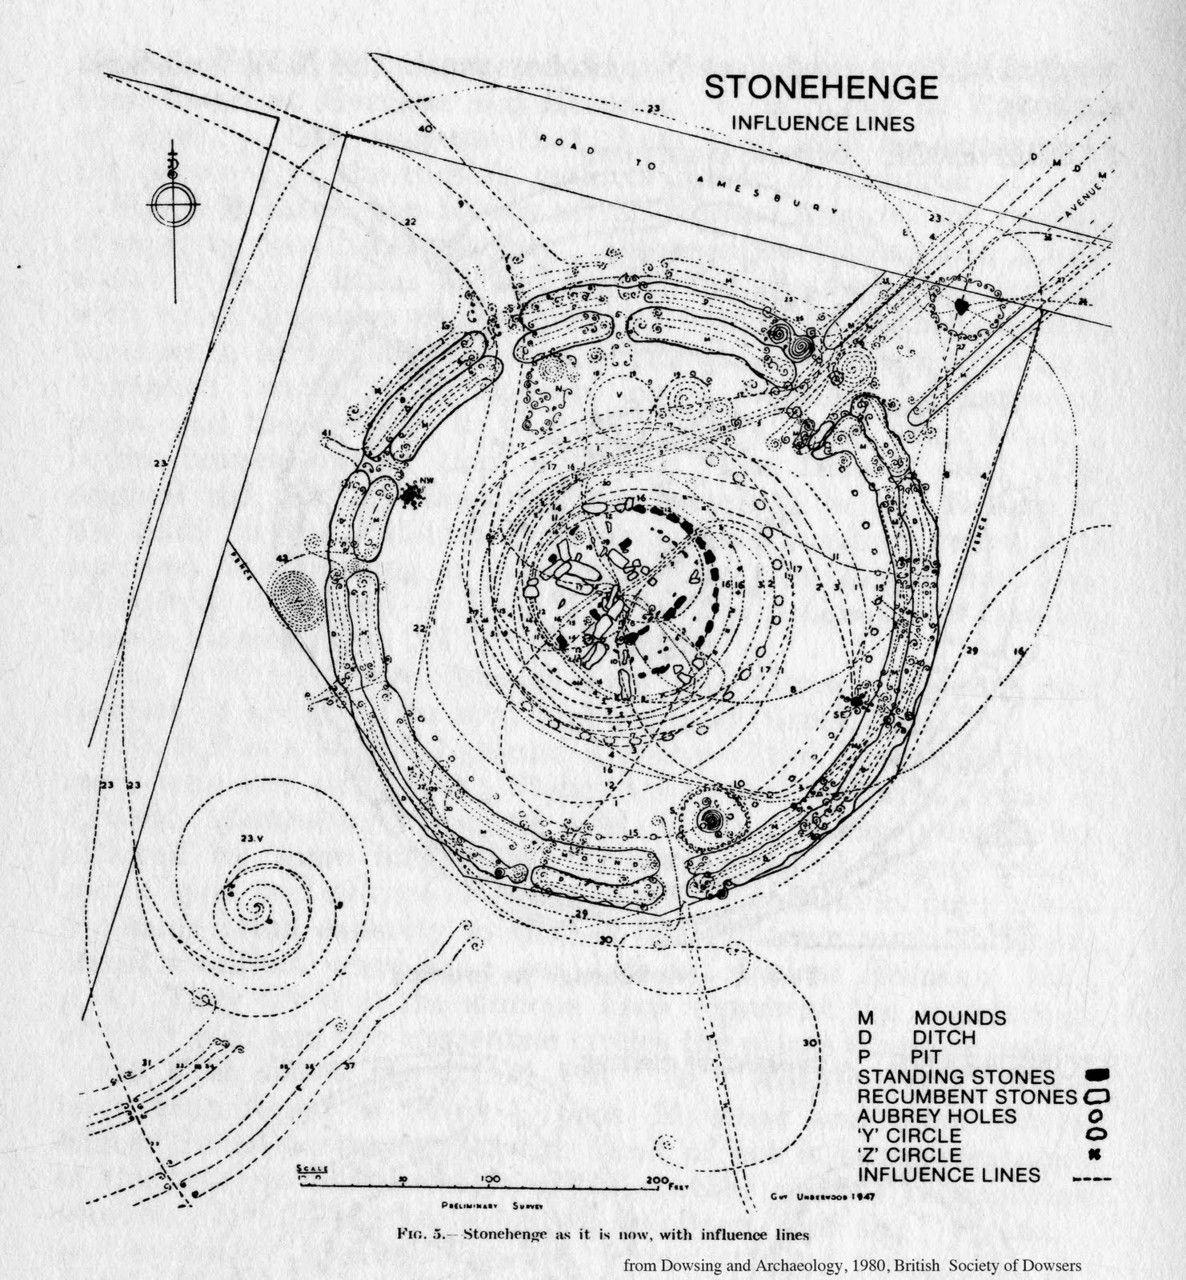 stonehenge influence lines